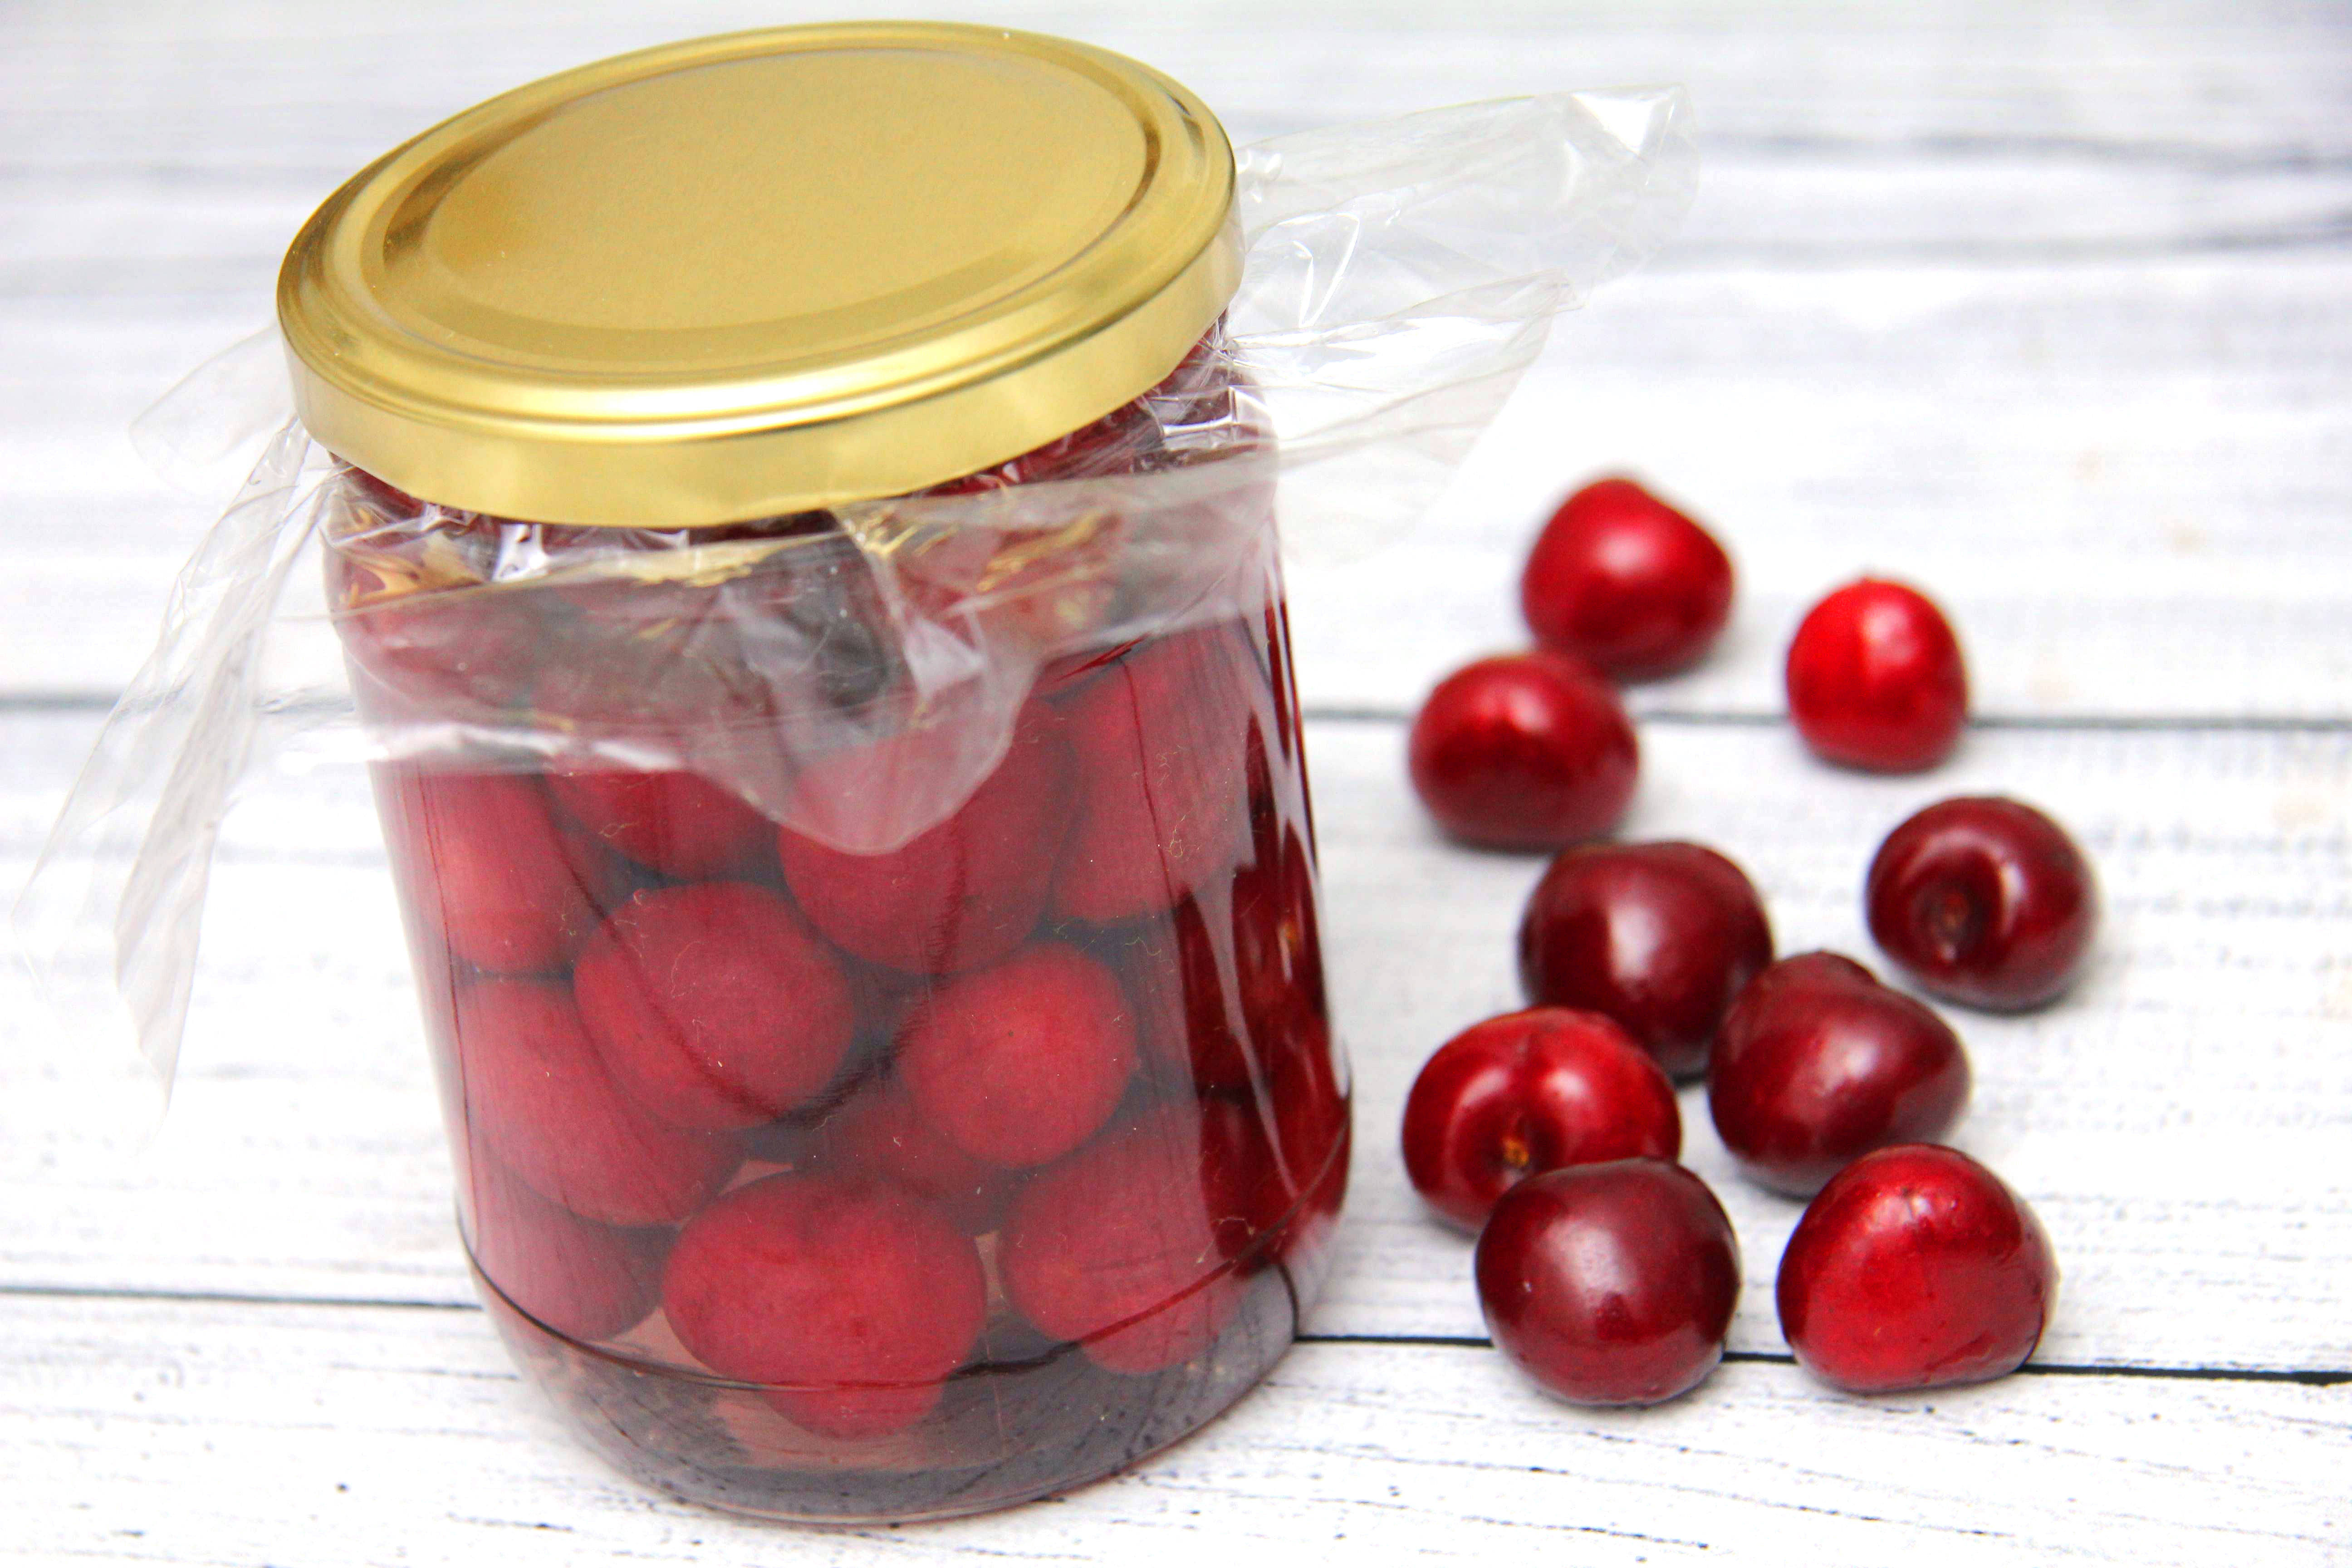 Cseresznyebefőtt recept főfotó